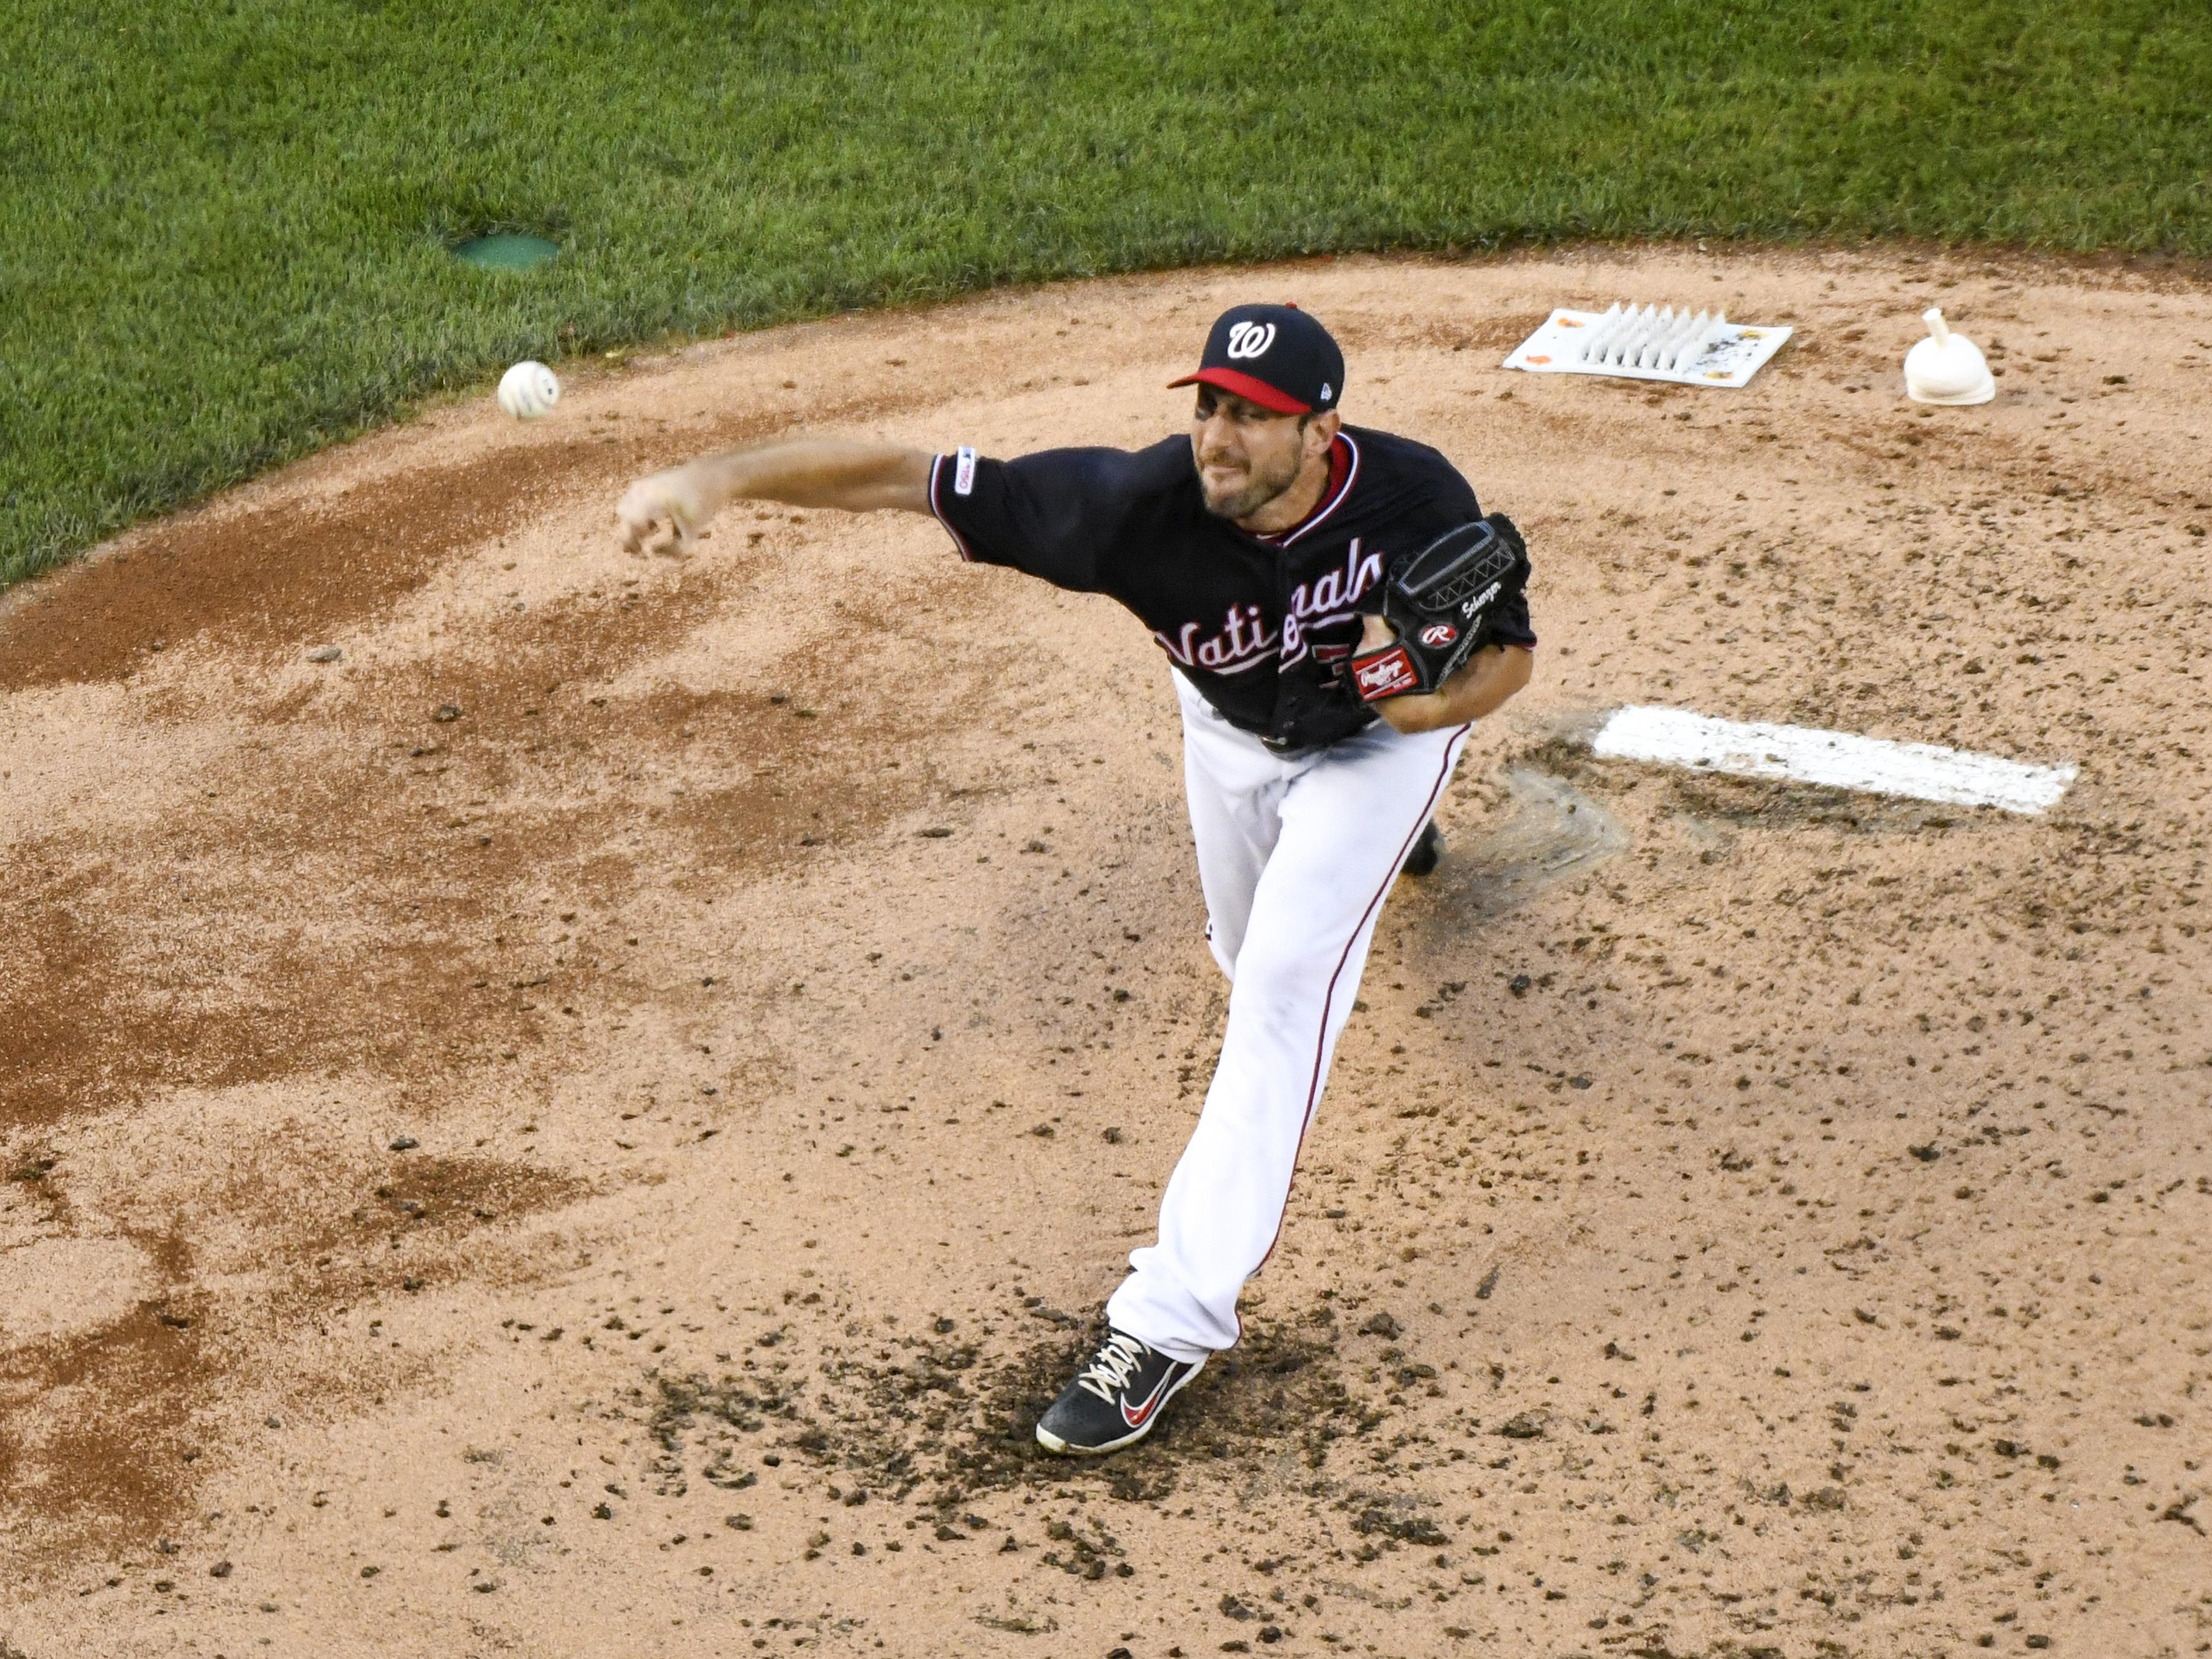 MLB: JUN 19 Phillies at Nationals